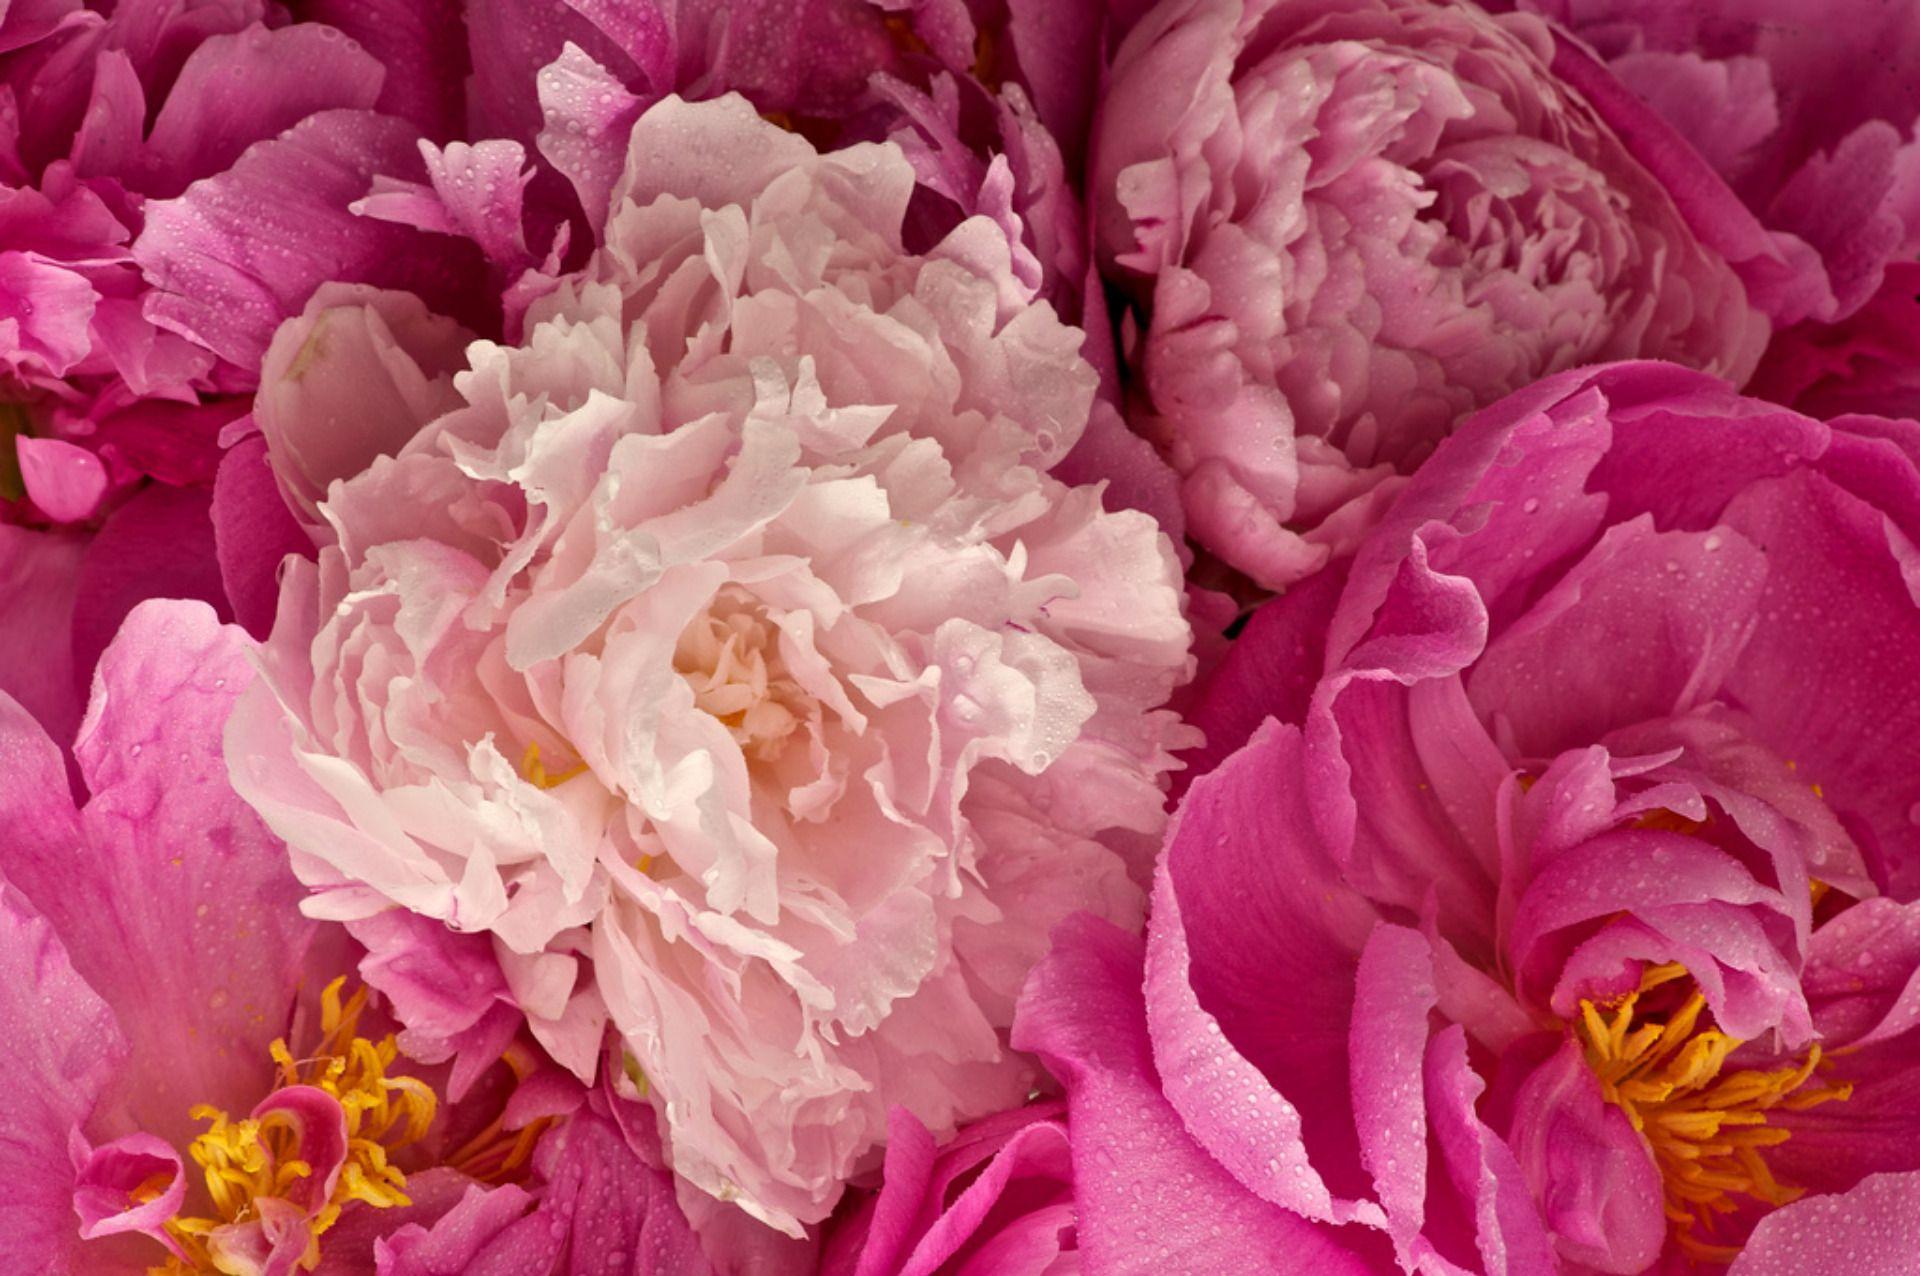 peonies images free Peonies flowers Pinterest